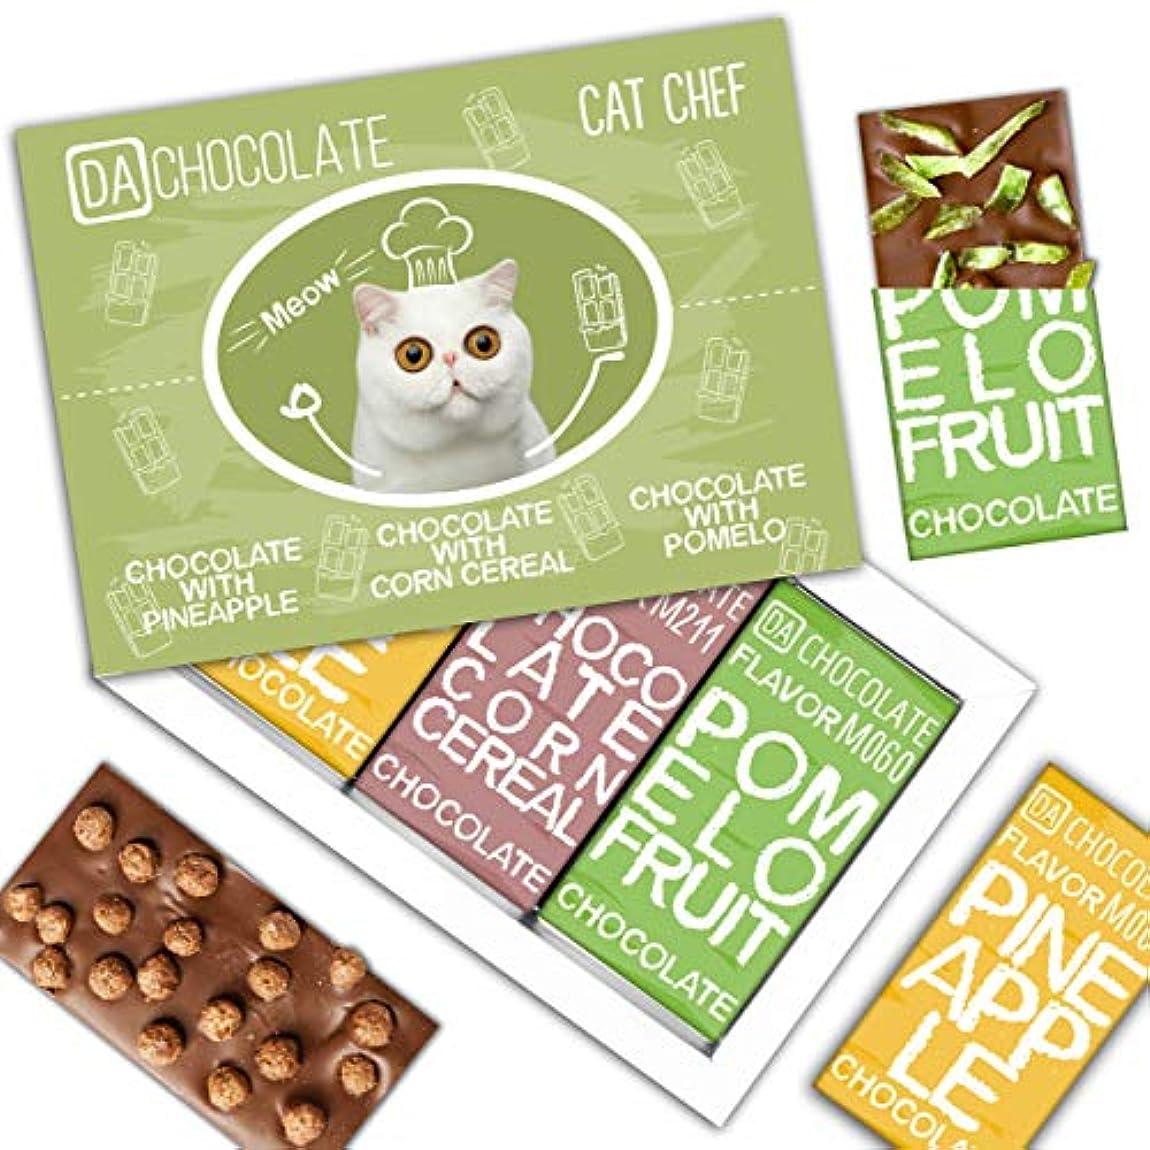 プロットオフェンス震えDA CHOCOLATE お菓子のお土産CAT CHEF味のチョコレートセット、パイナップル、チョコレートコーンシリアル、Pomeloフルーツ1箱3バー2х4